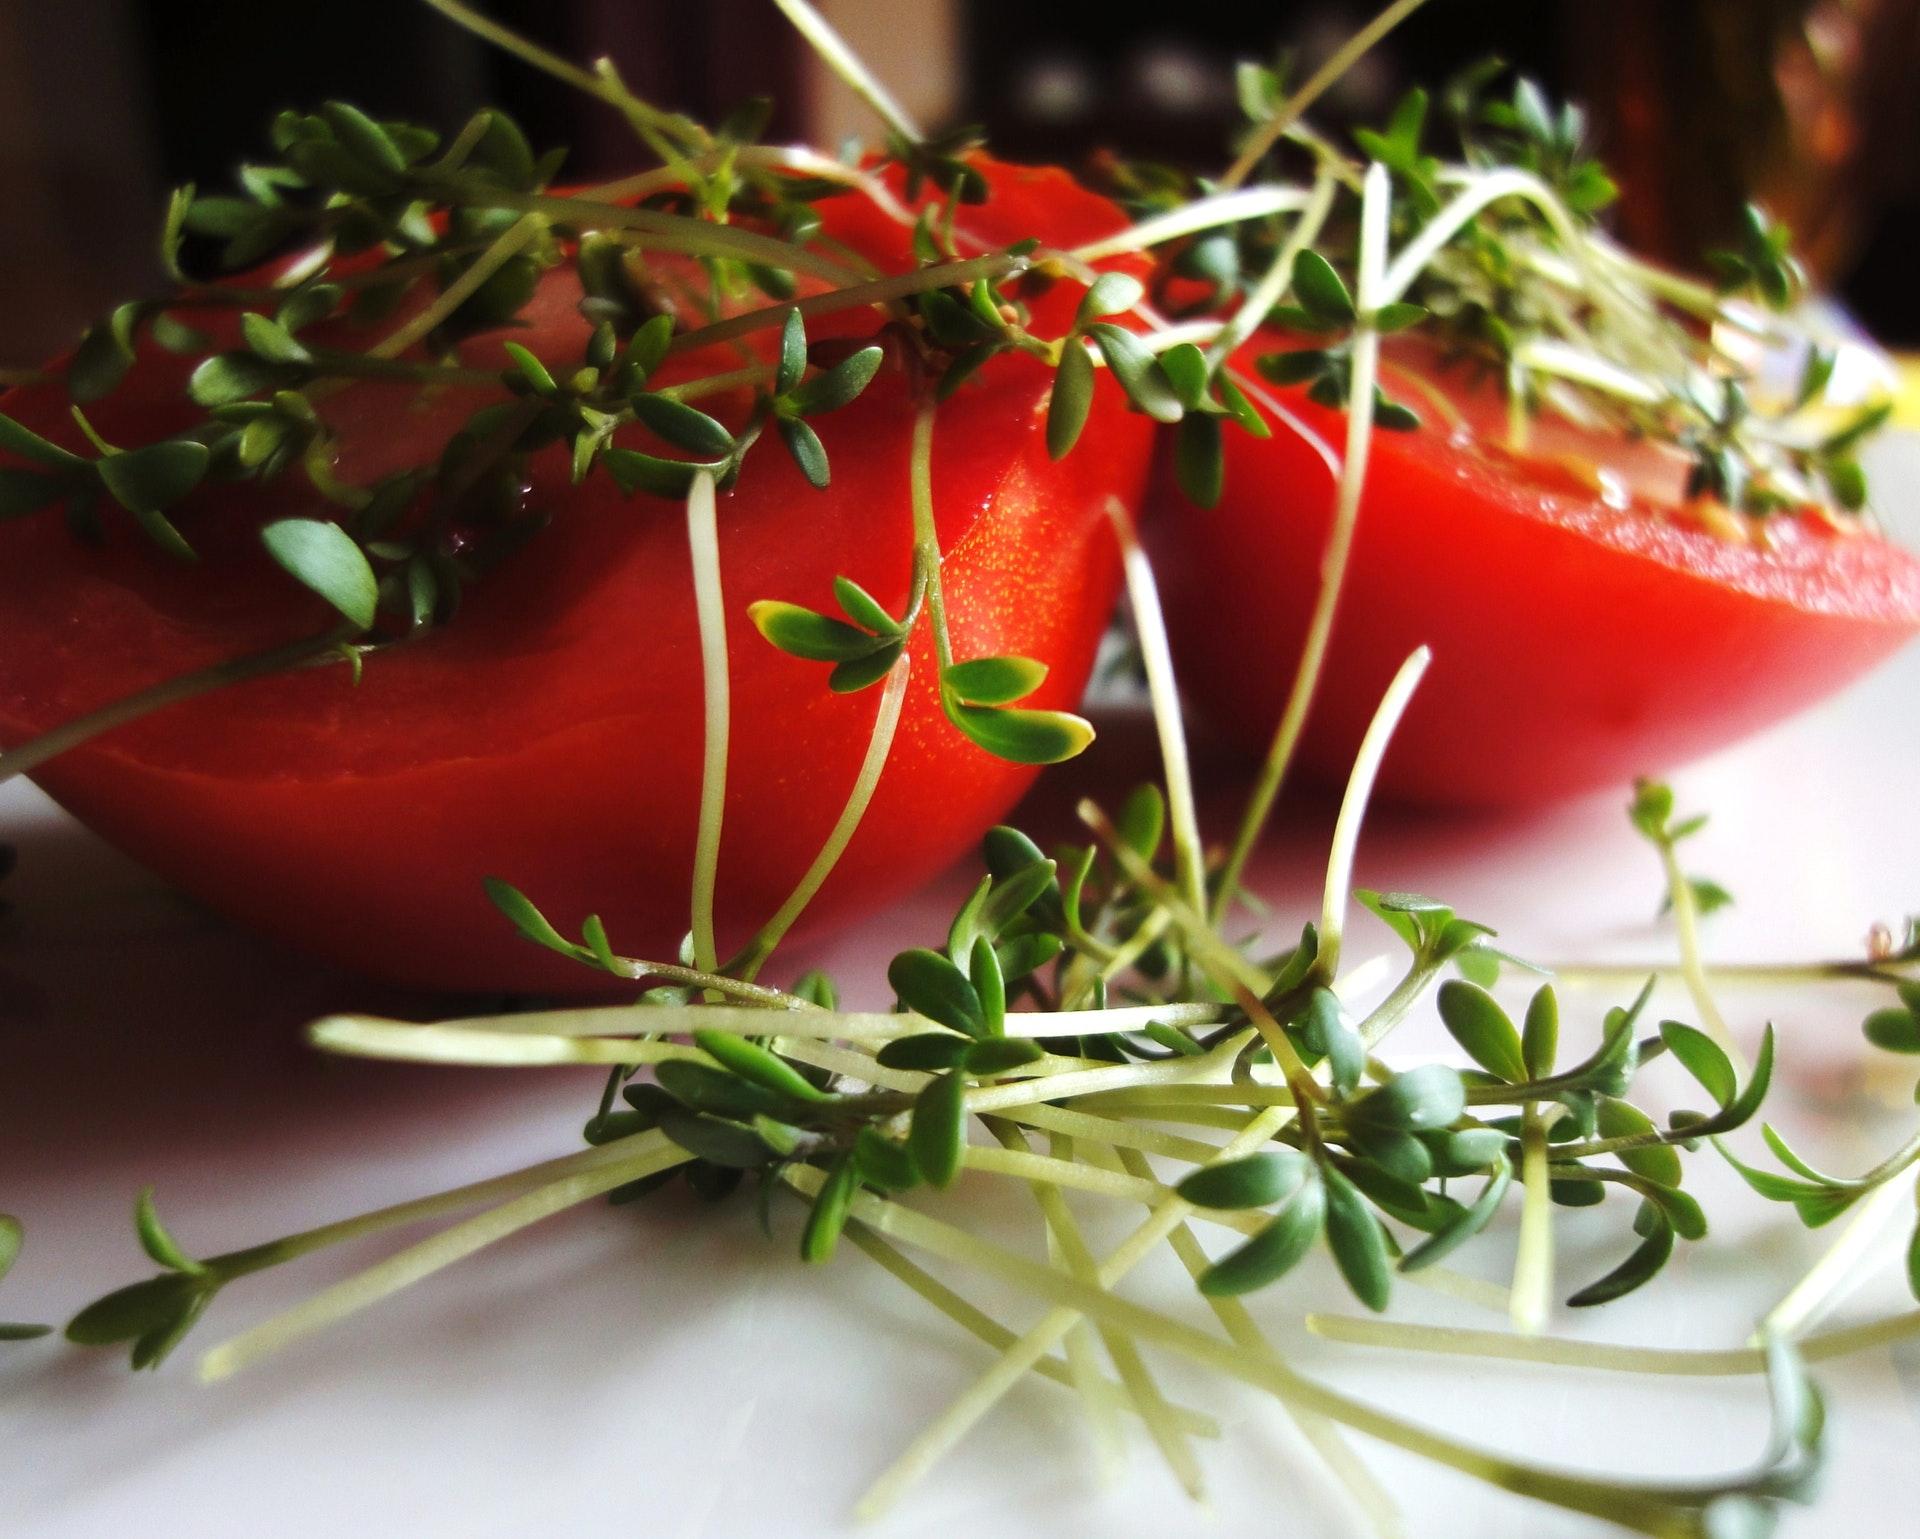 Doporučuji zkusit klíčení semínek, je to zdravá bomba!